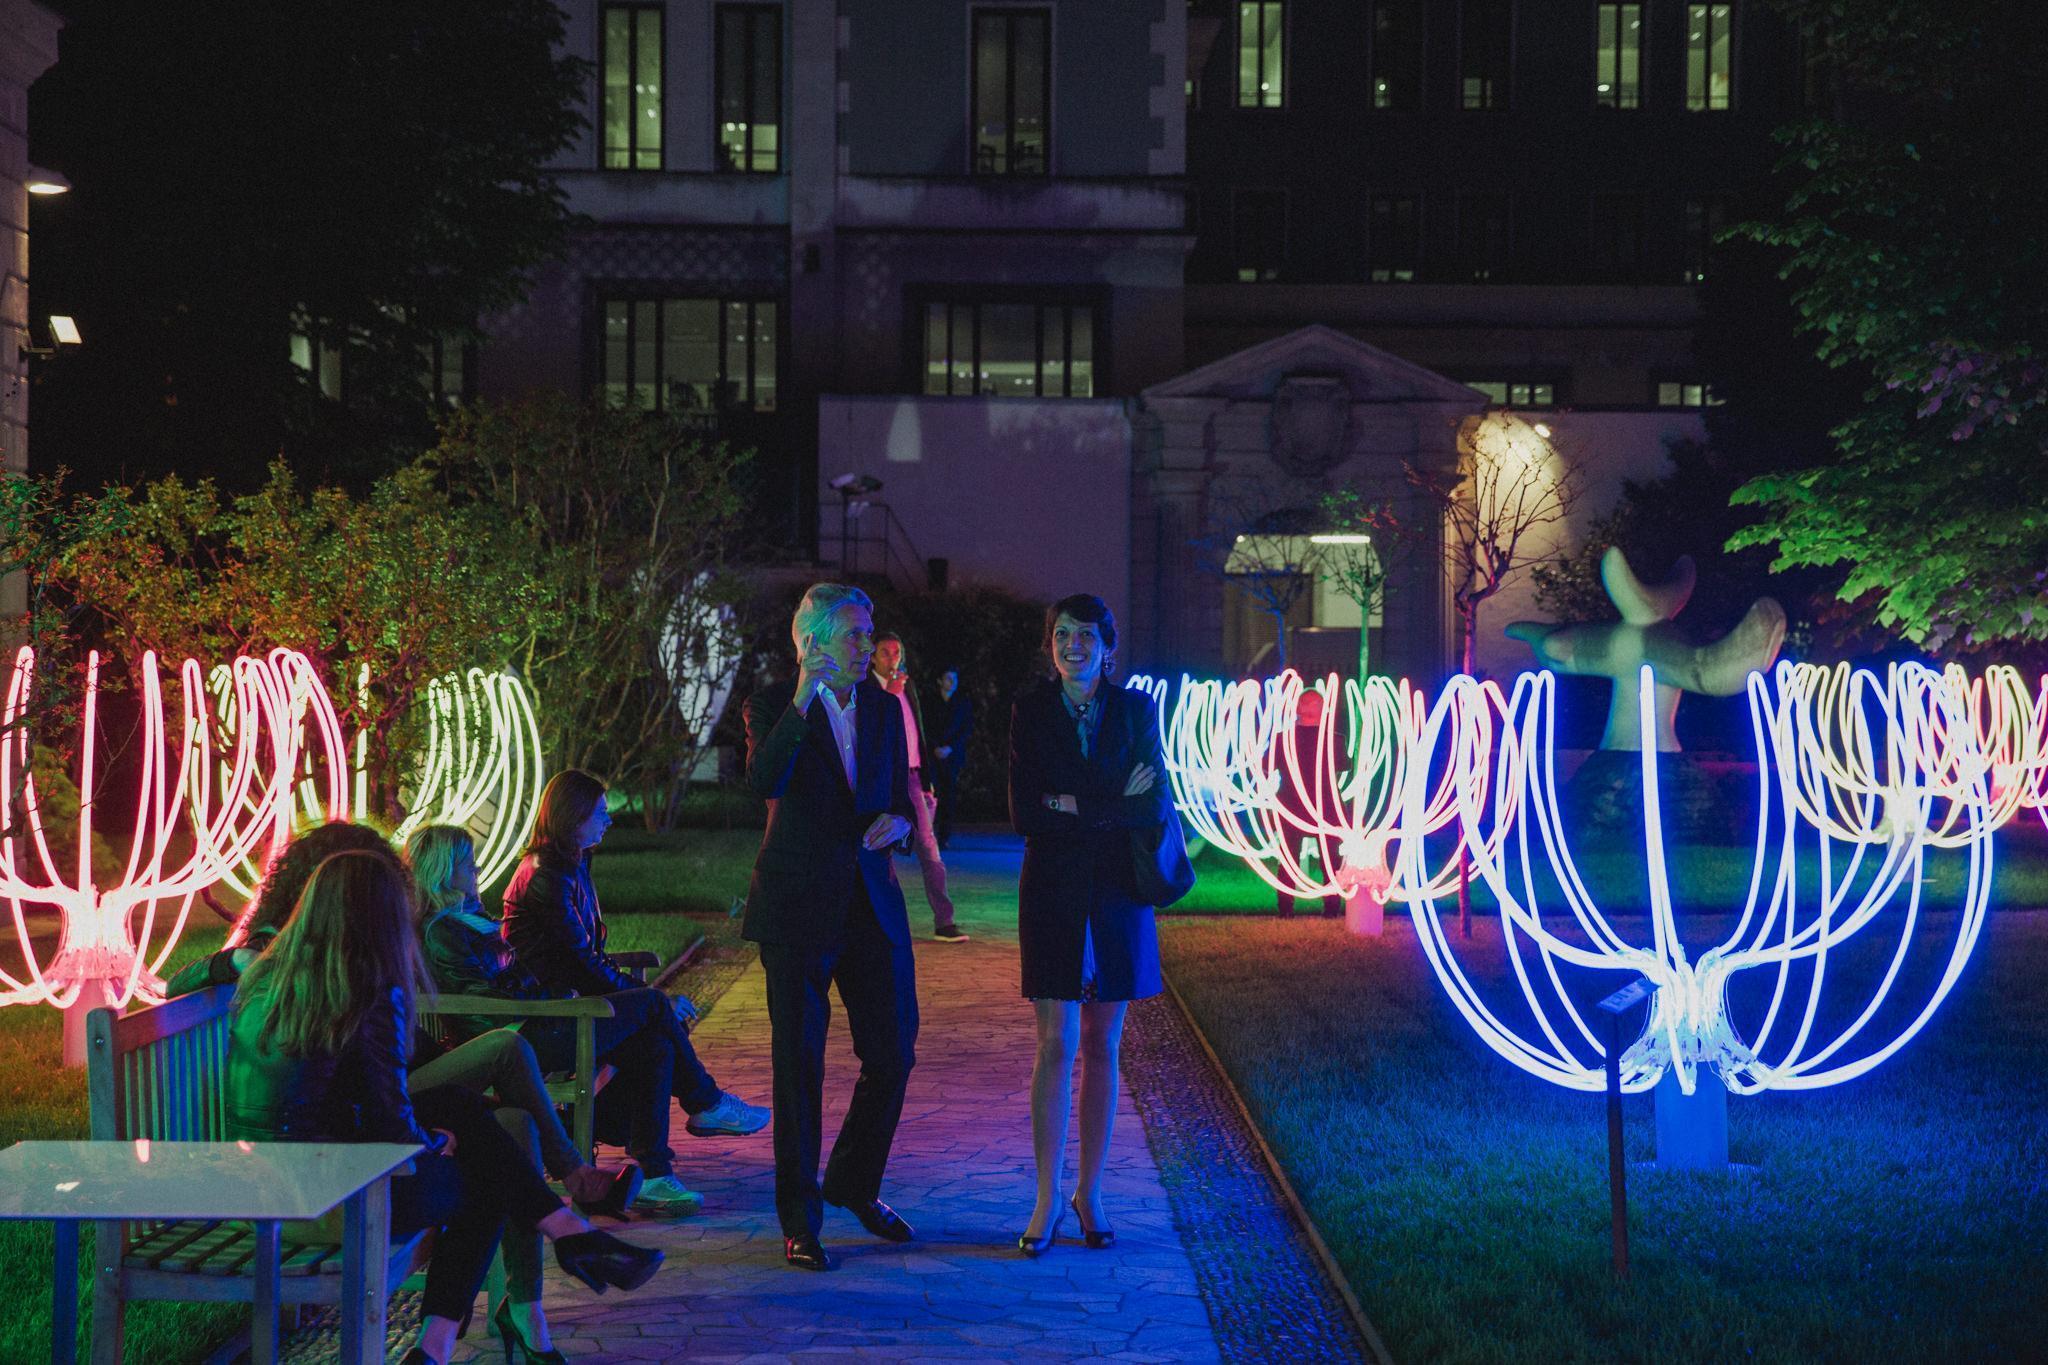 FuoriSalone, Milano illuminata dalle  Poesie di neon